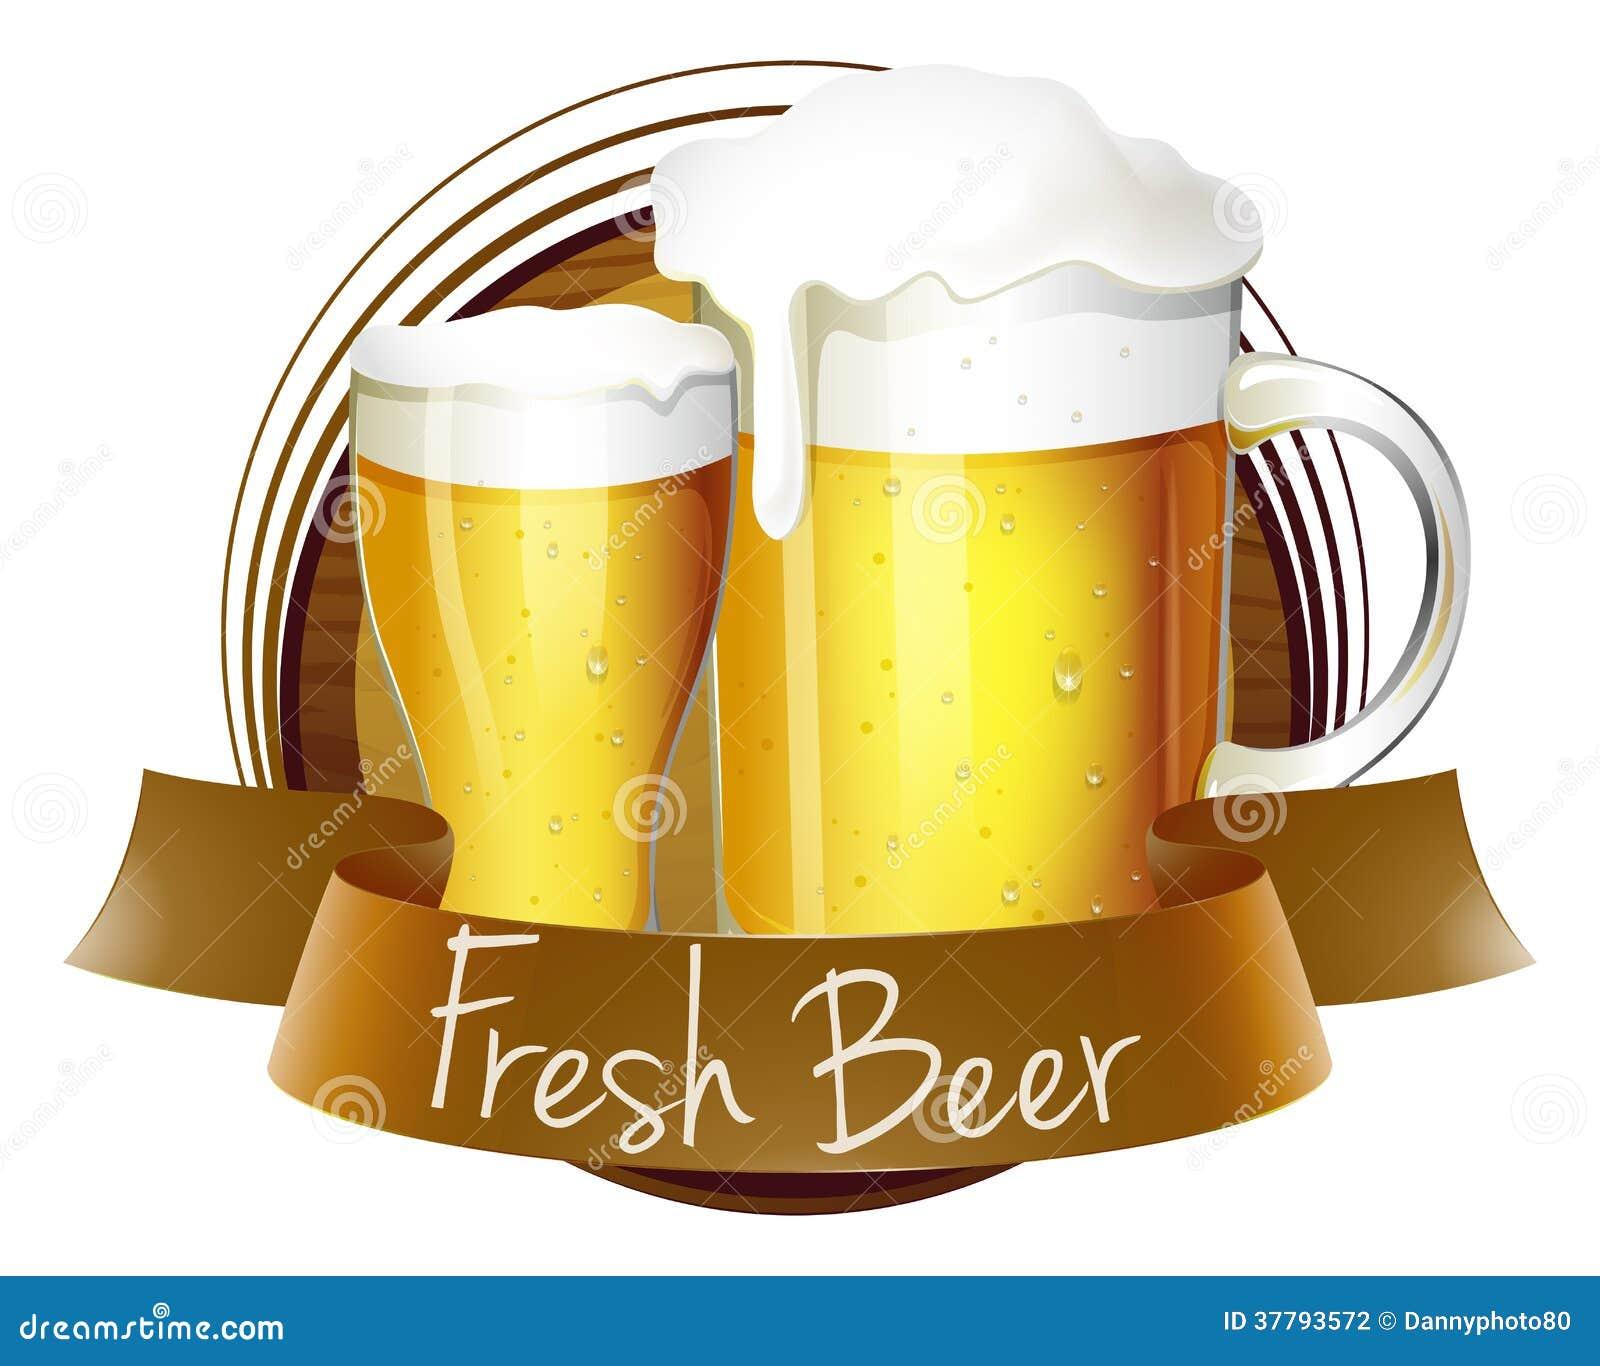 Un label frais de bi re avec un broc et un verre de bi re - Verre coloriage ...